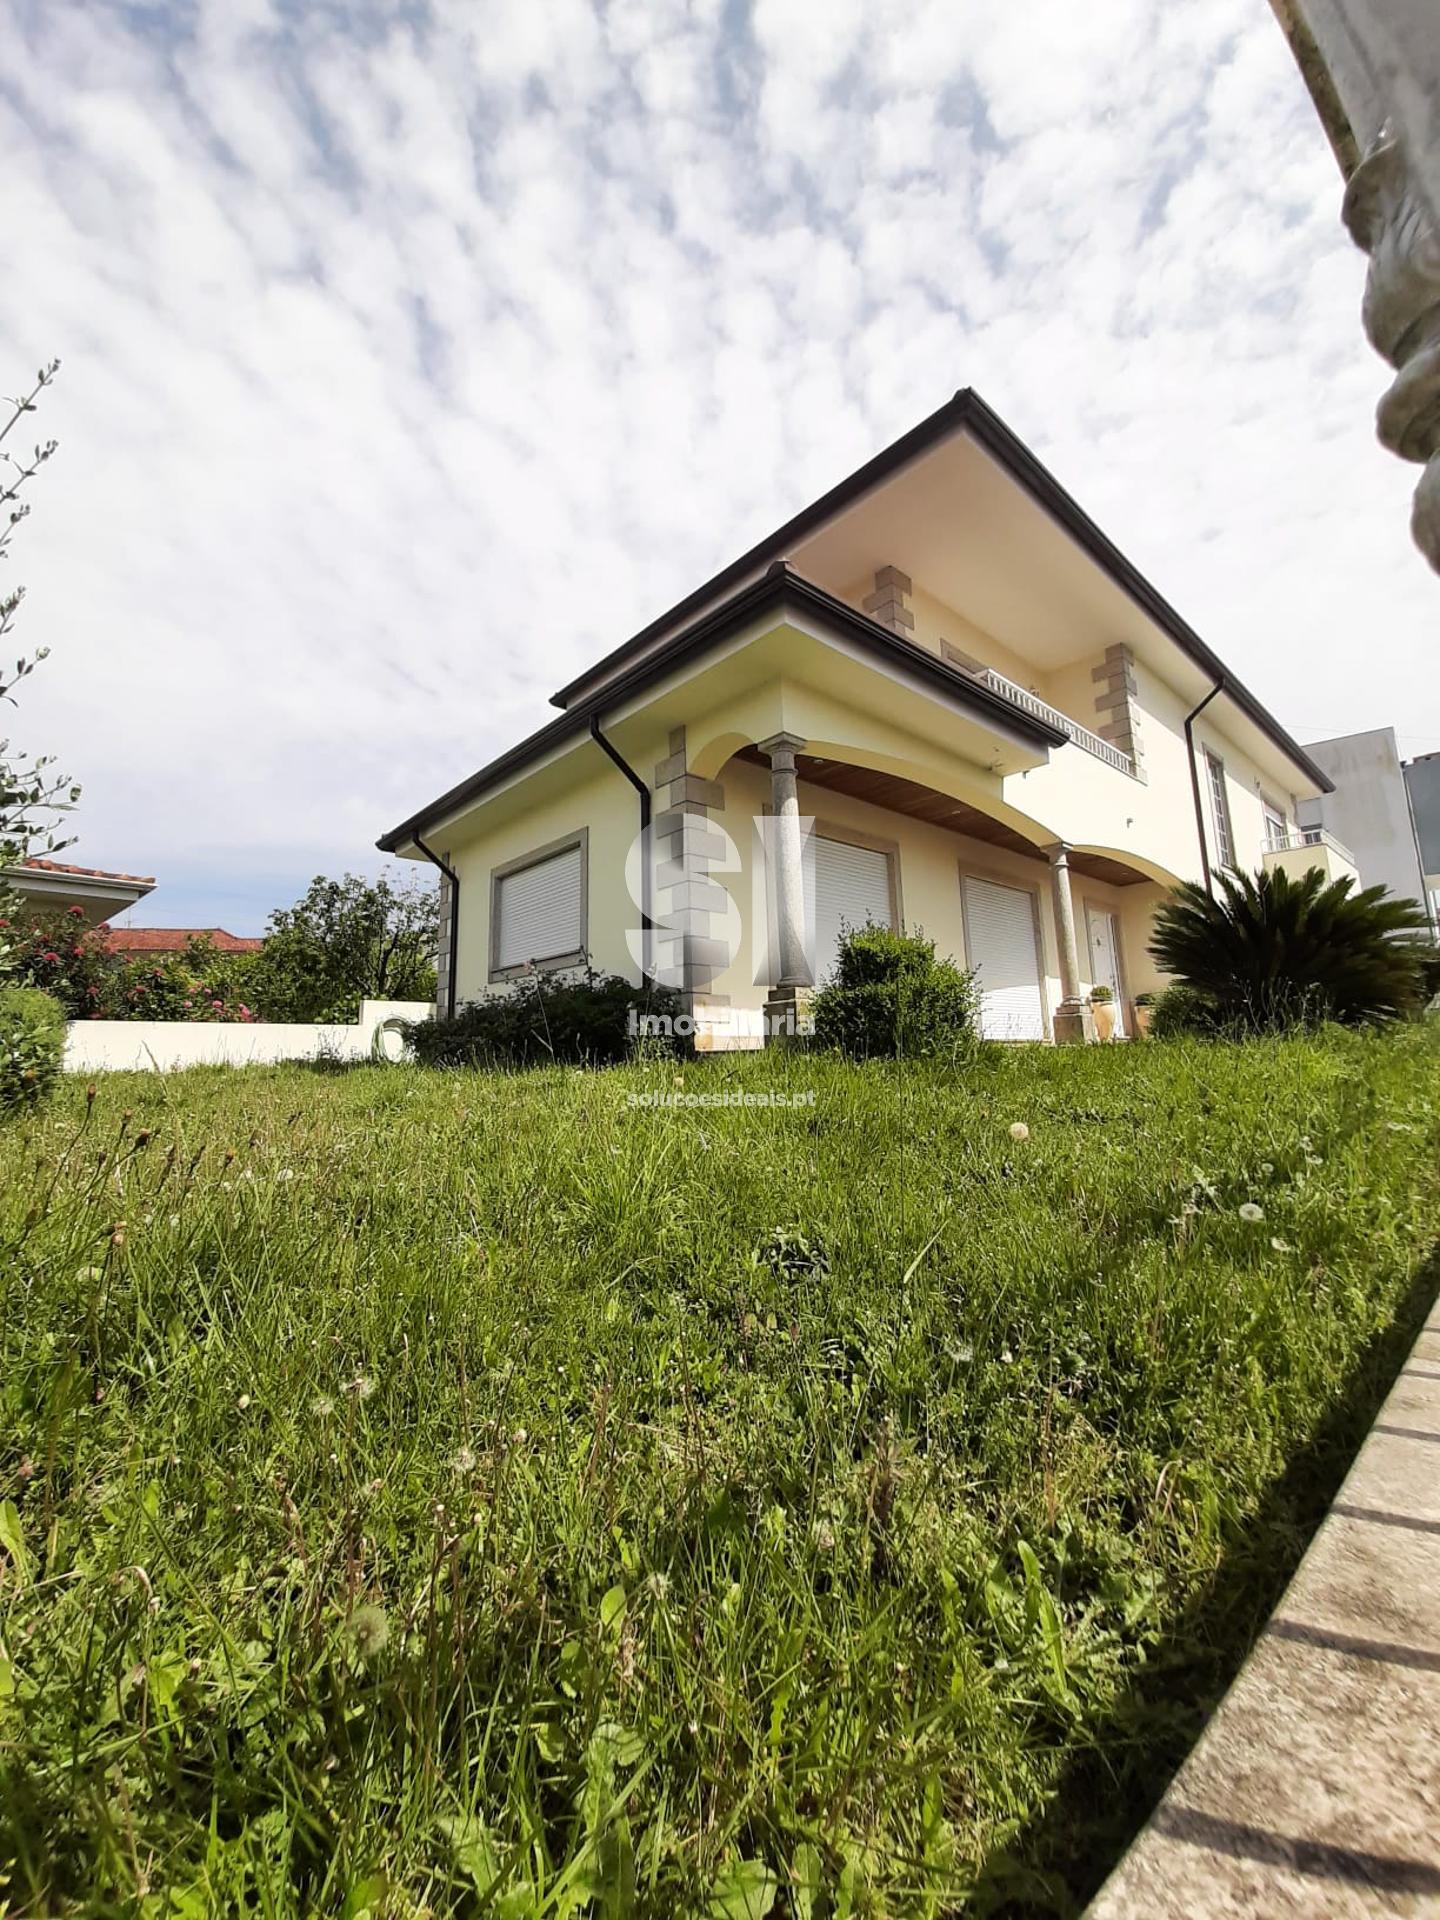 moradia isolada t31 para arrendamento em vila nova de famalicao vermoim MCTMP34